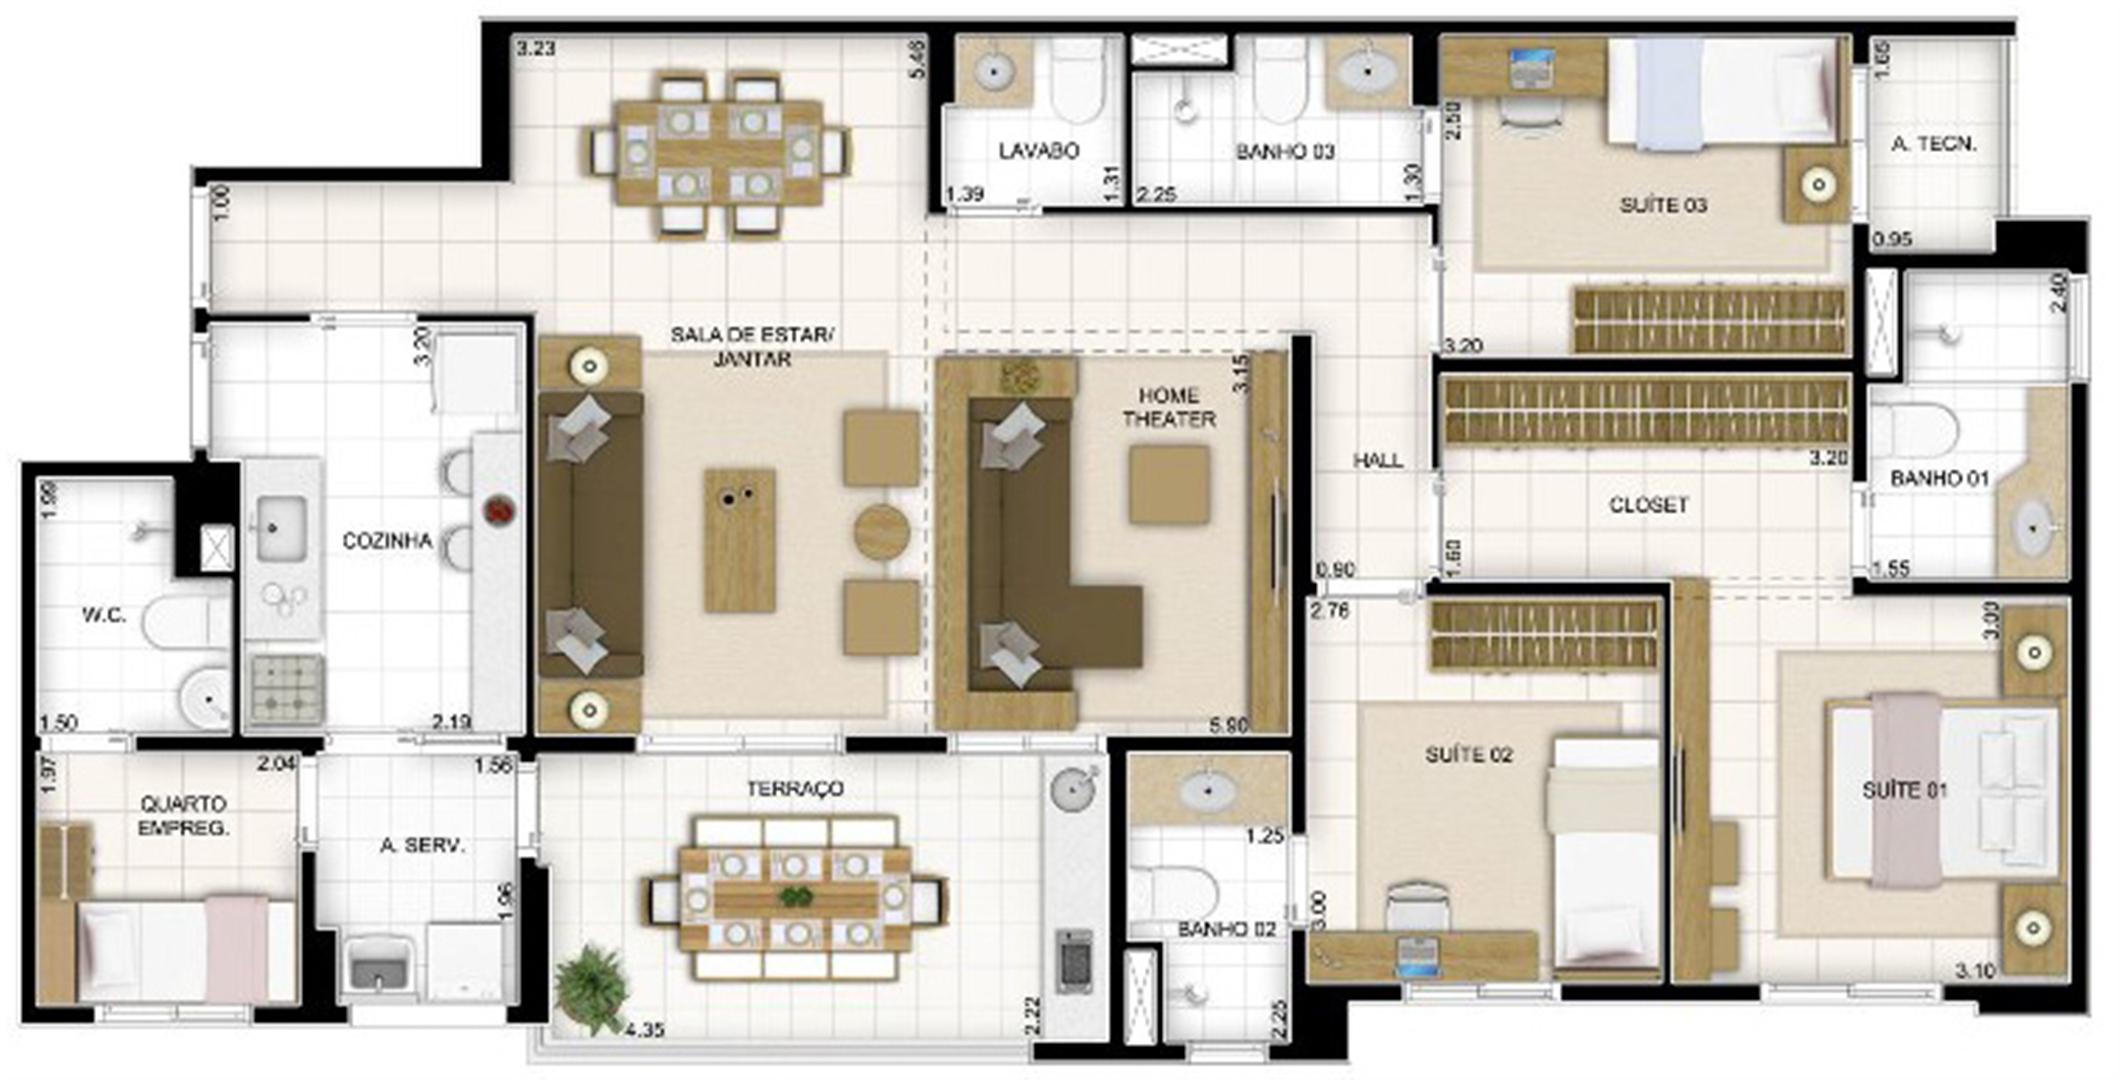 Planta 4 quartos Sala Ampliada  | Quartier Lagoa Nova – Apartamento na  Lagoa Nova - Natal - Rio Grande do Norte